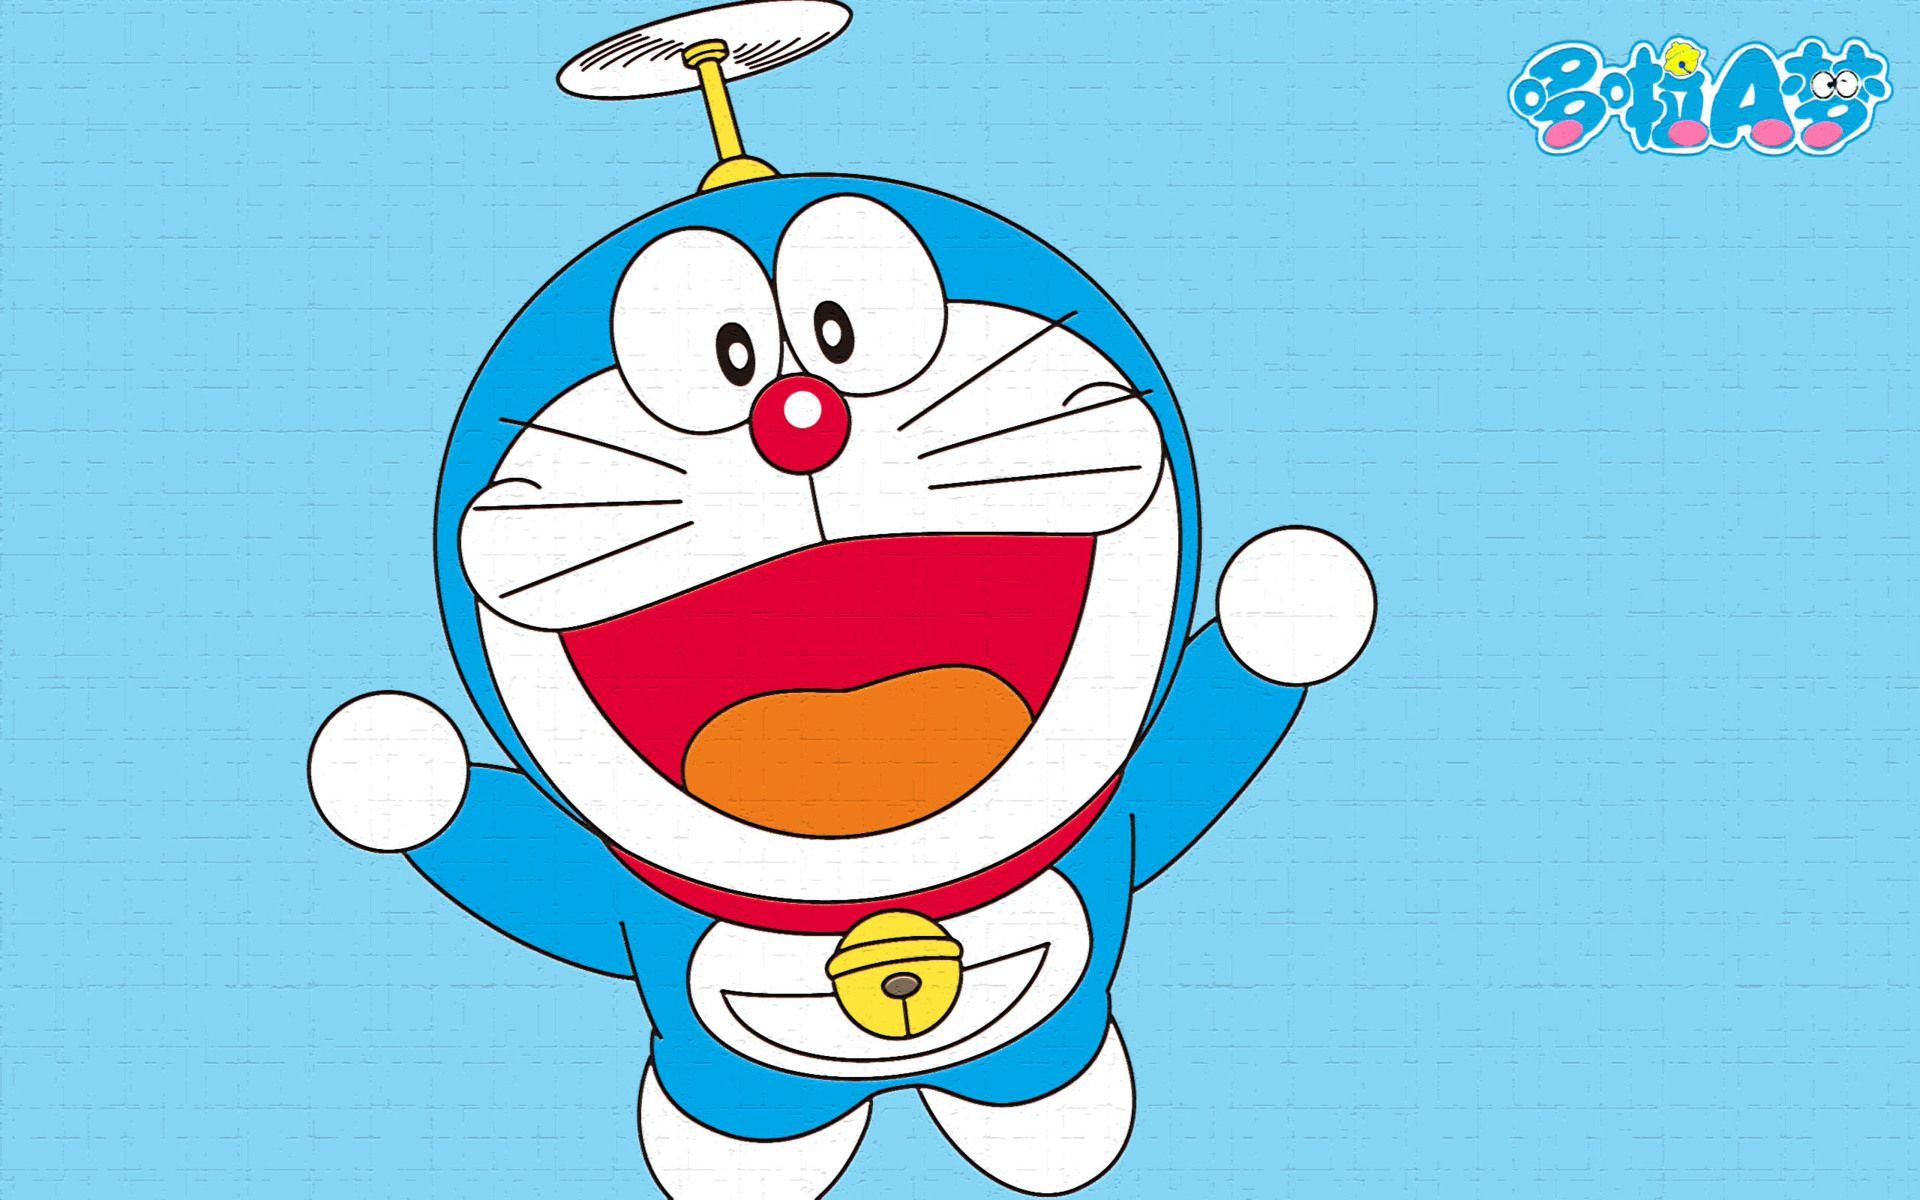 【资讯】哆啦A梦成淘宝代言人,发布四款神奇道具